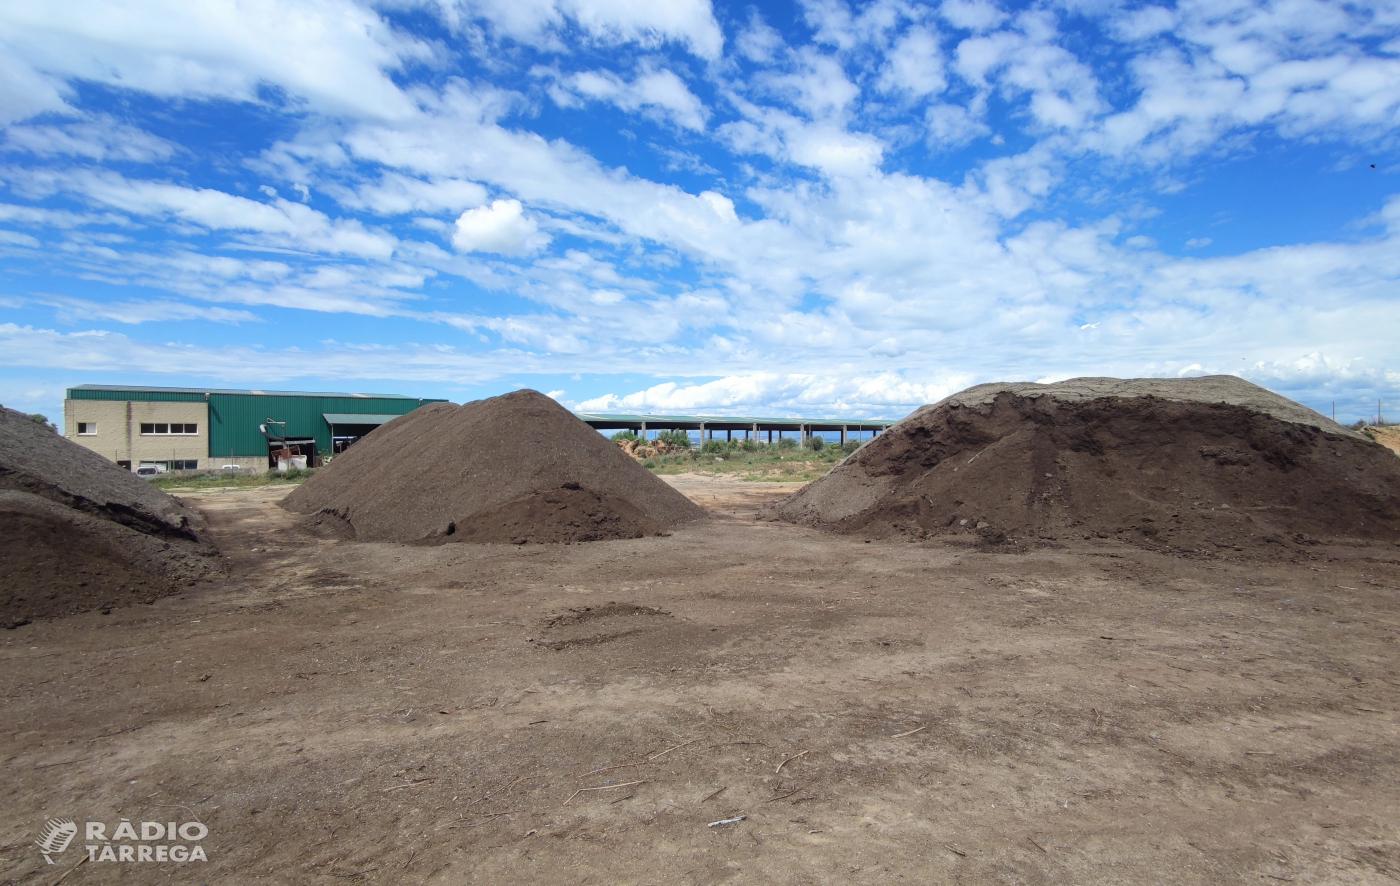 La planta de compostatge de l'Urgell va vendre 852 tones de compost l'any passat